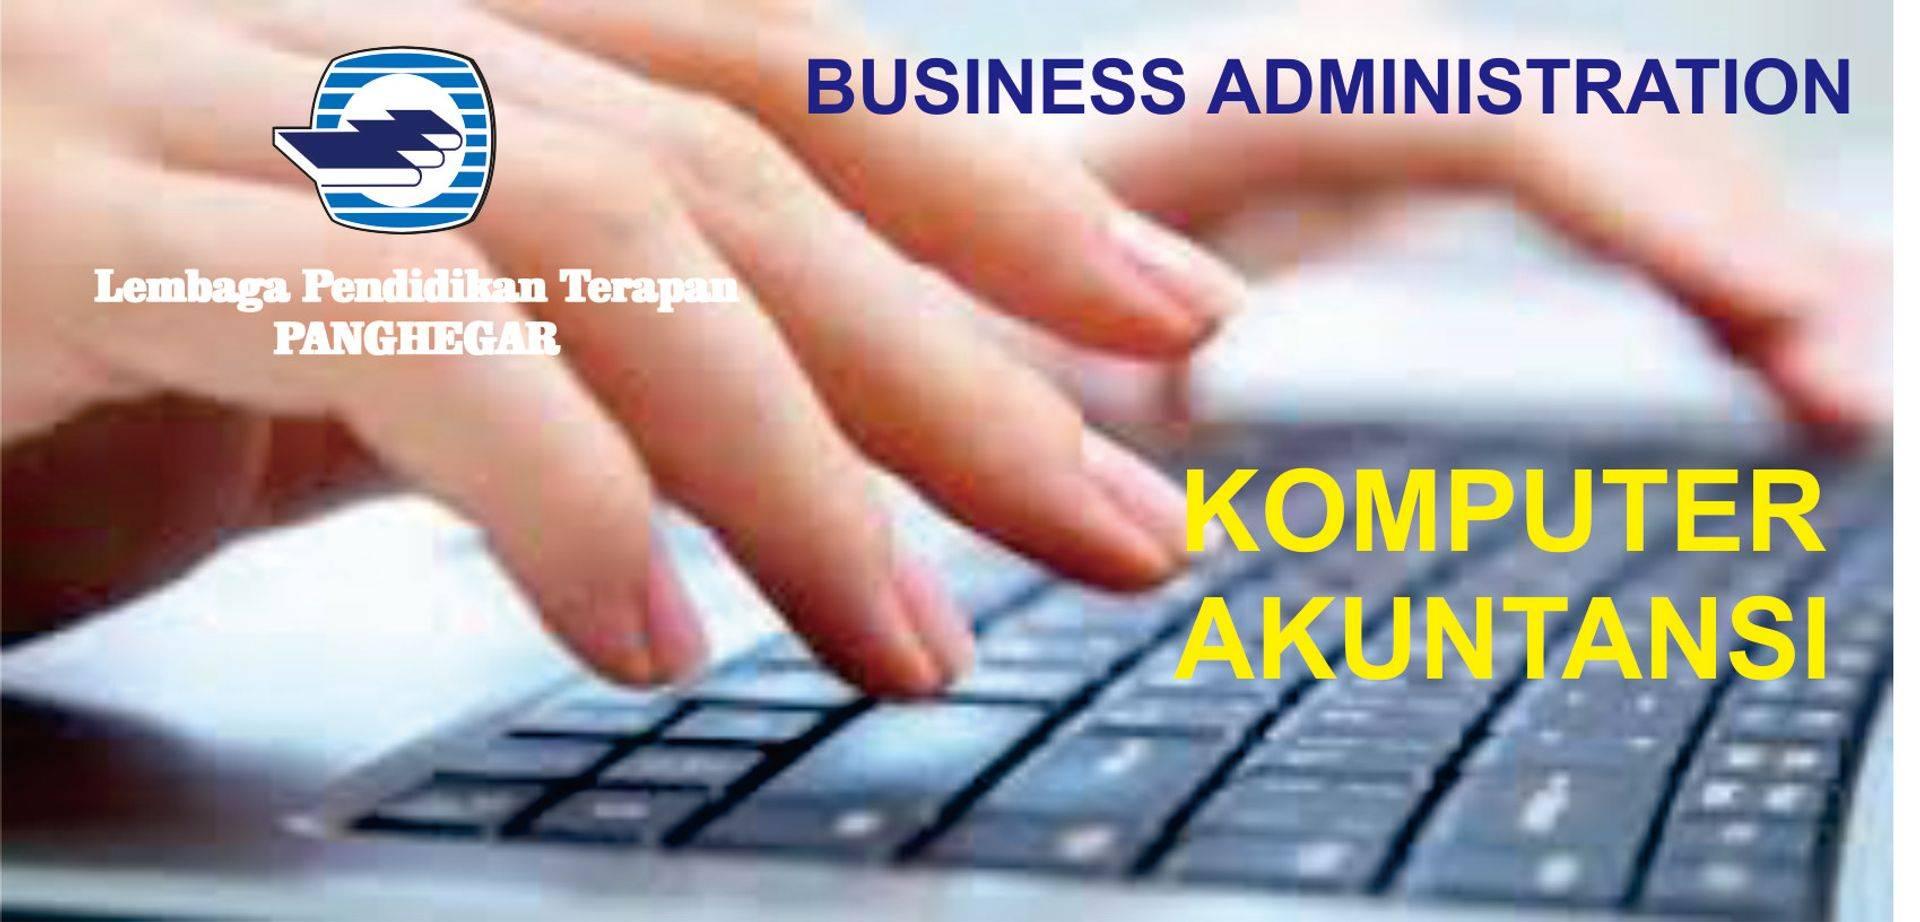 Komputer Akuntansi